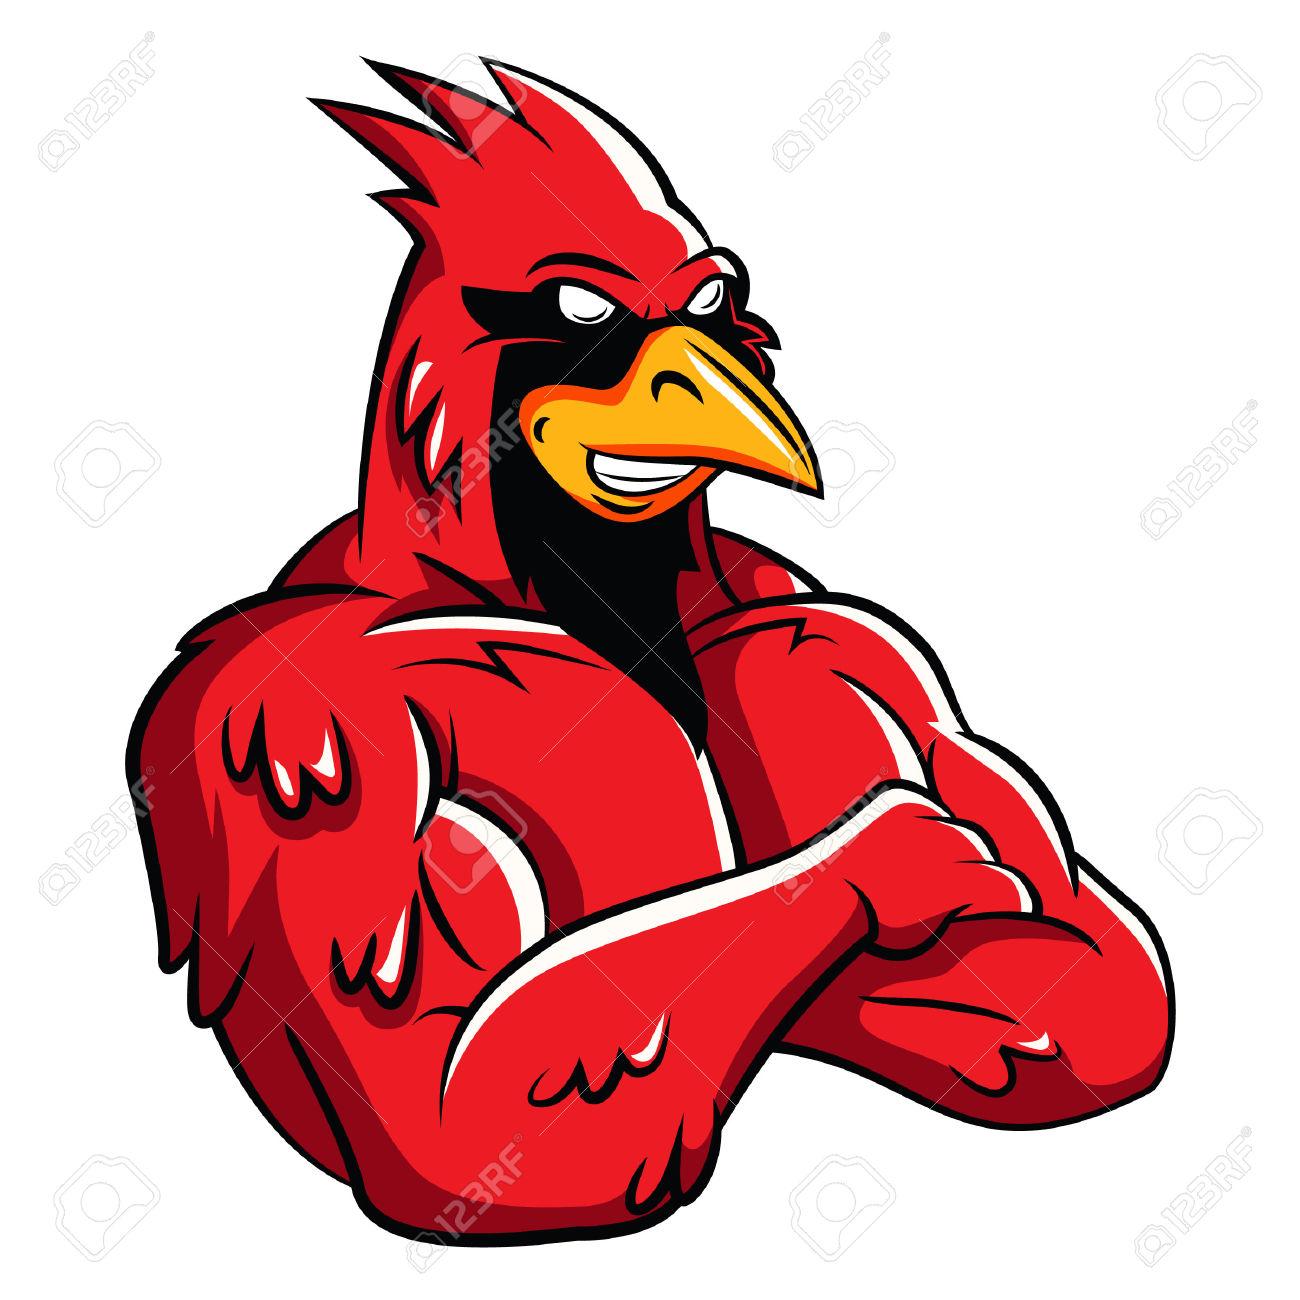 1300x1300 Cartoon Cardinal Bird Gallery Images)